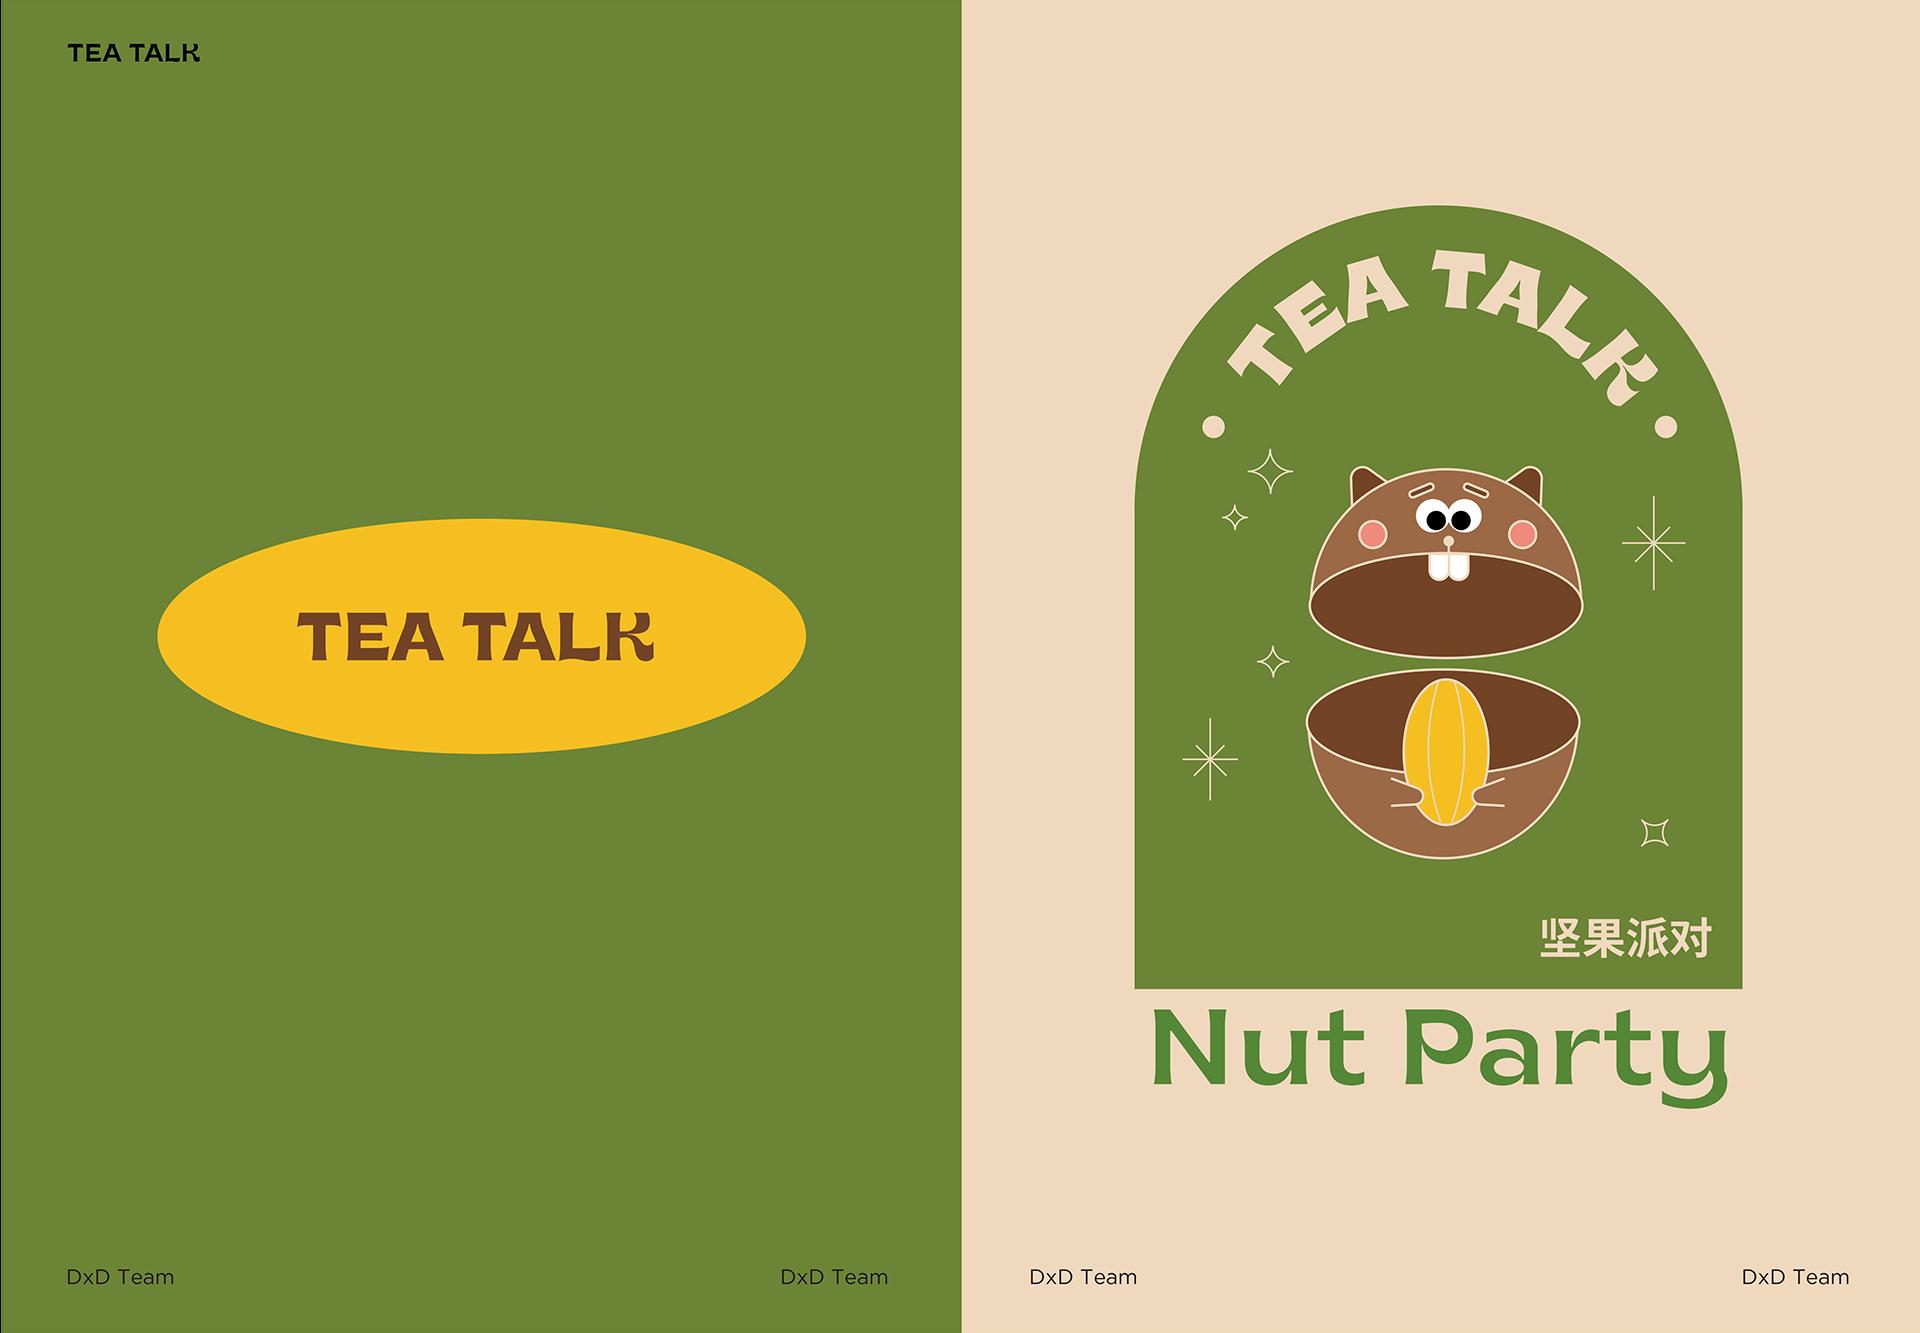 TEA TALK Branding Design   茶话品牌设计方案